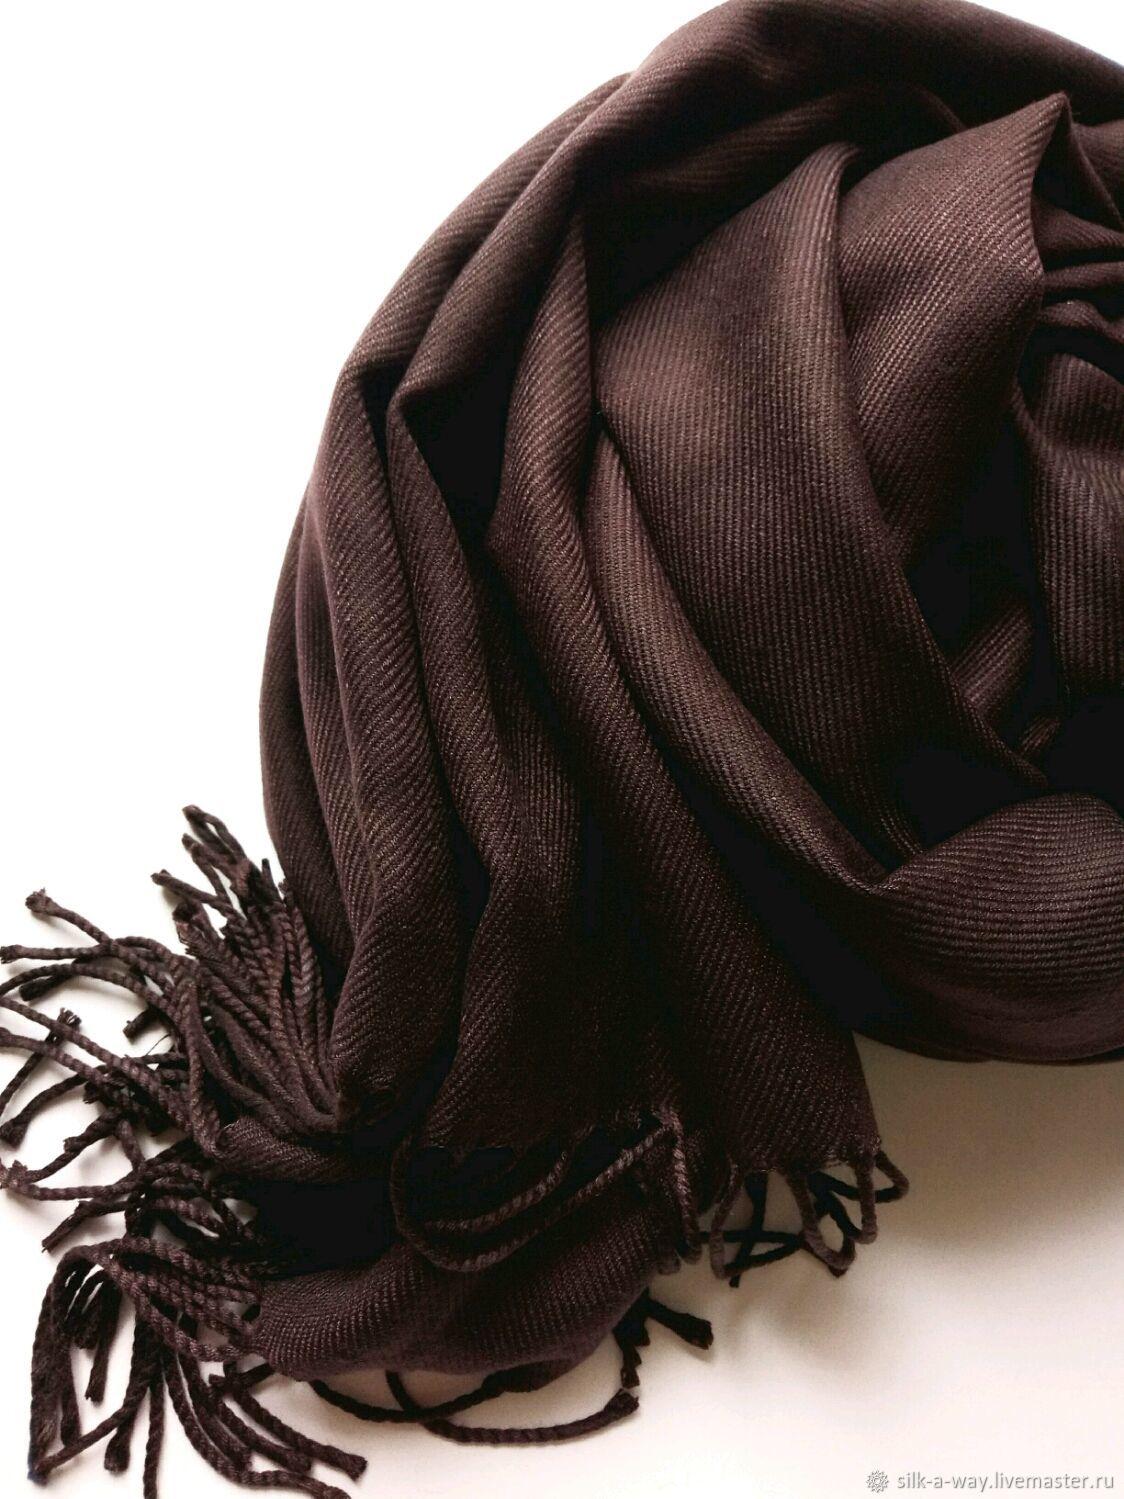 Палантин коричневый шоколадный, Палантины, Москва,  Фото №1